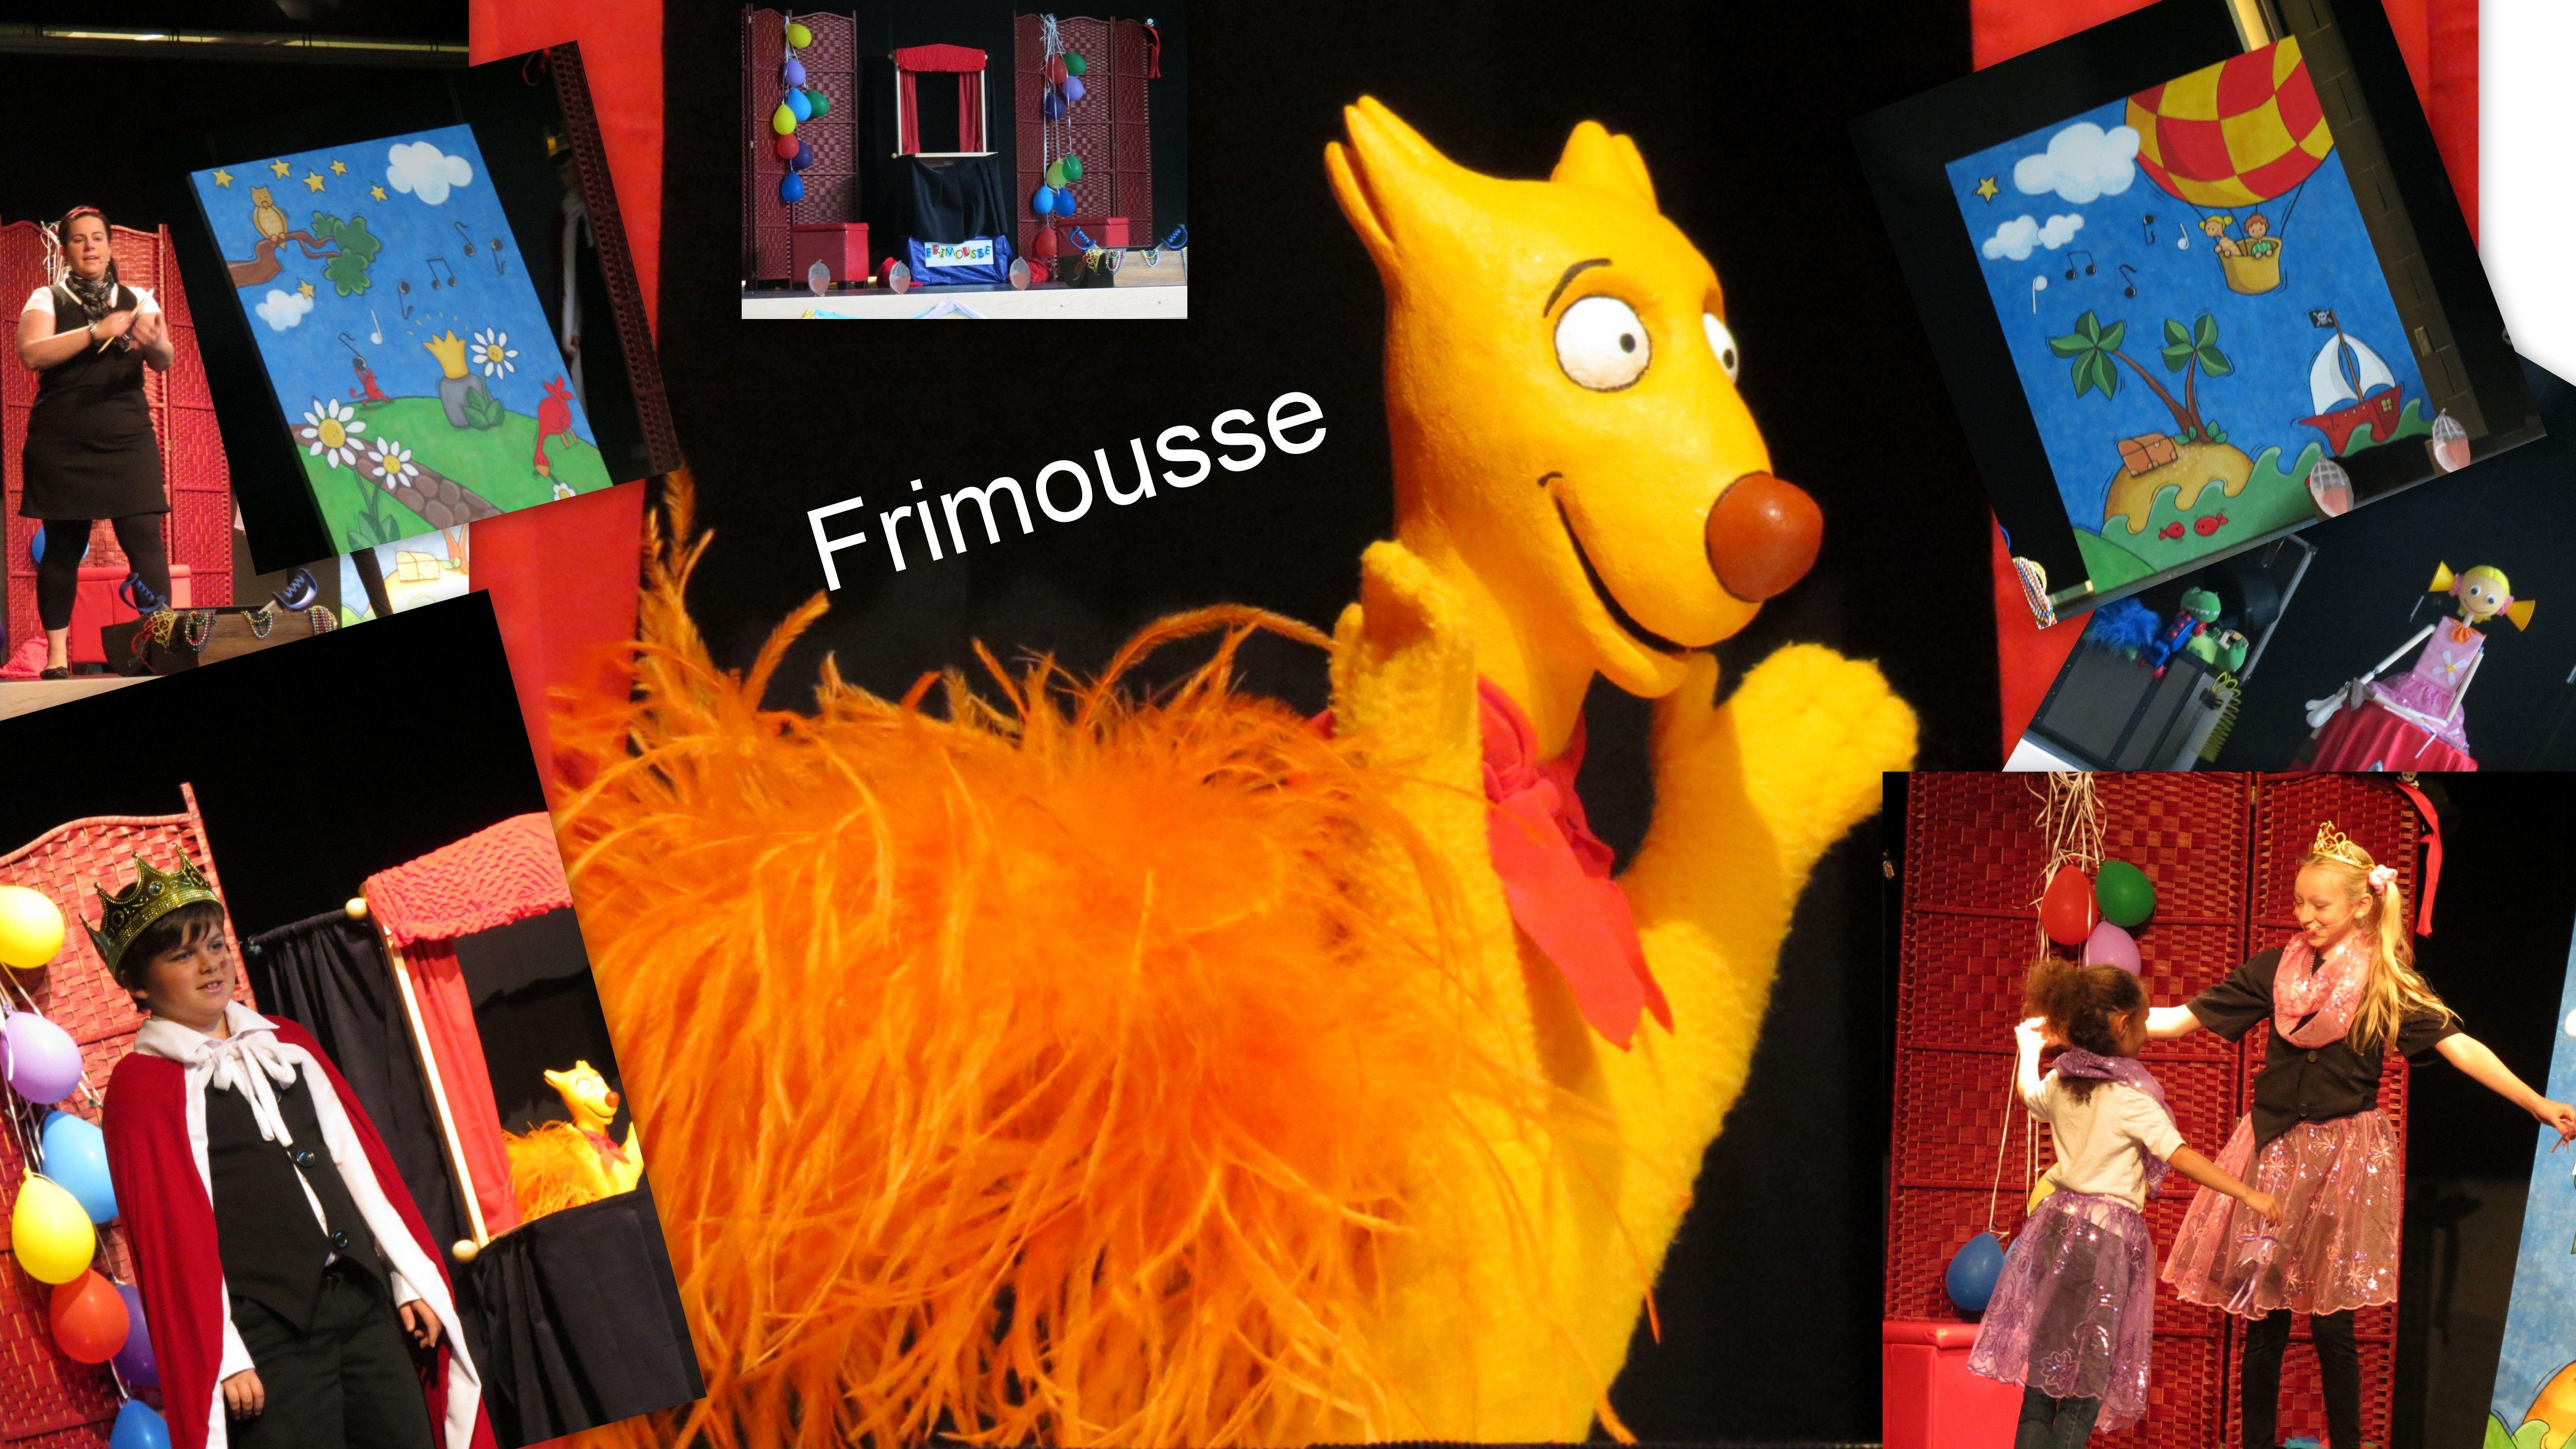 Spectacle de Frimousse dans les Maritimes avec Isabelle Perron Desjardins.